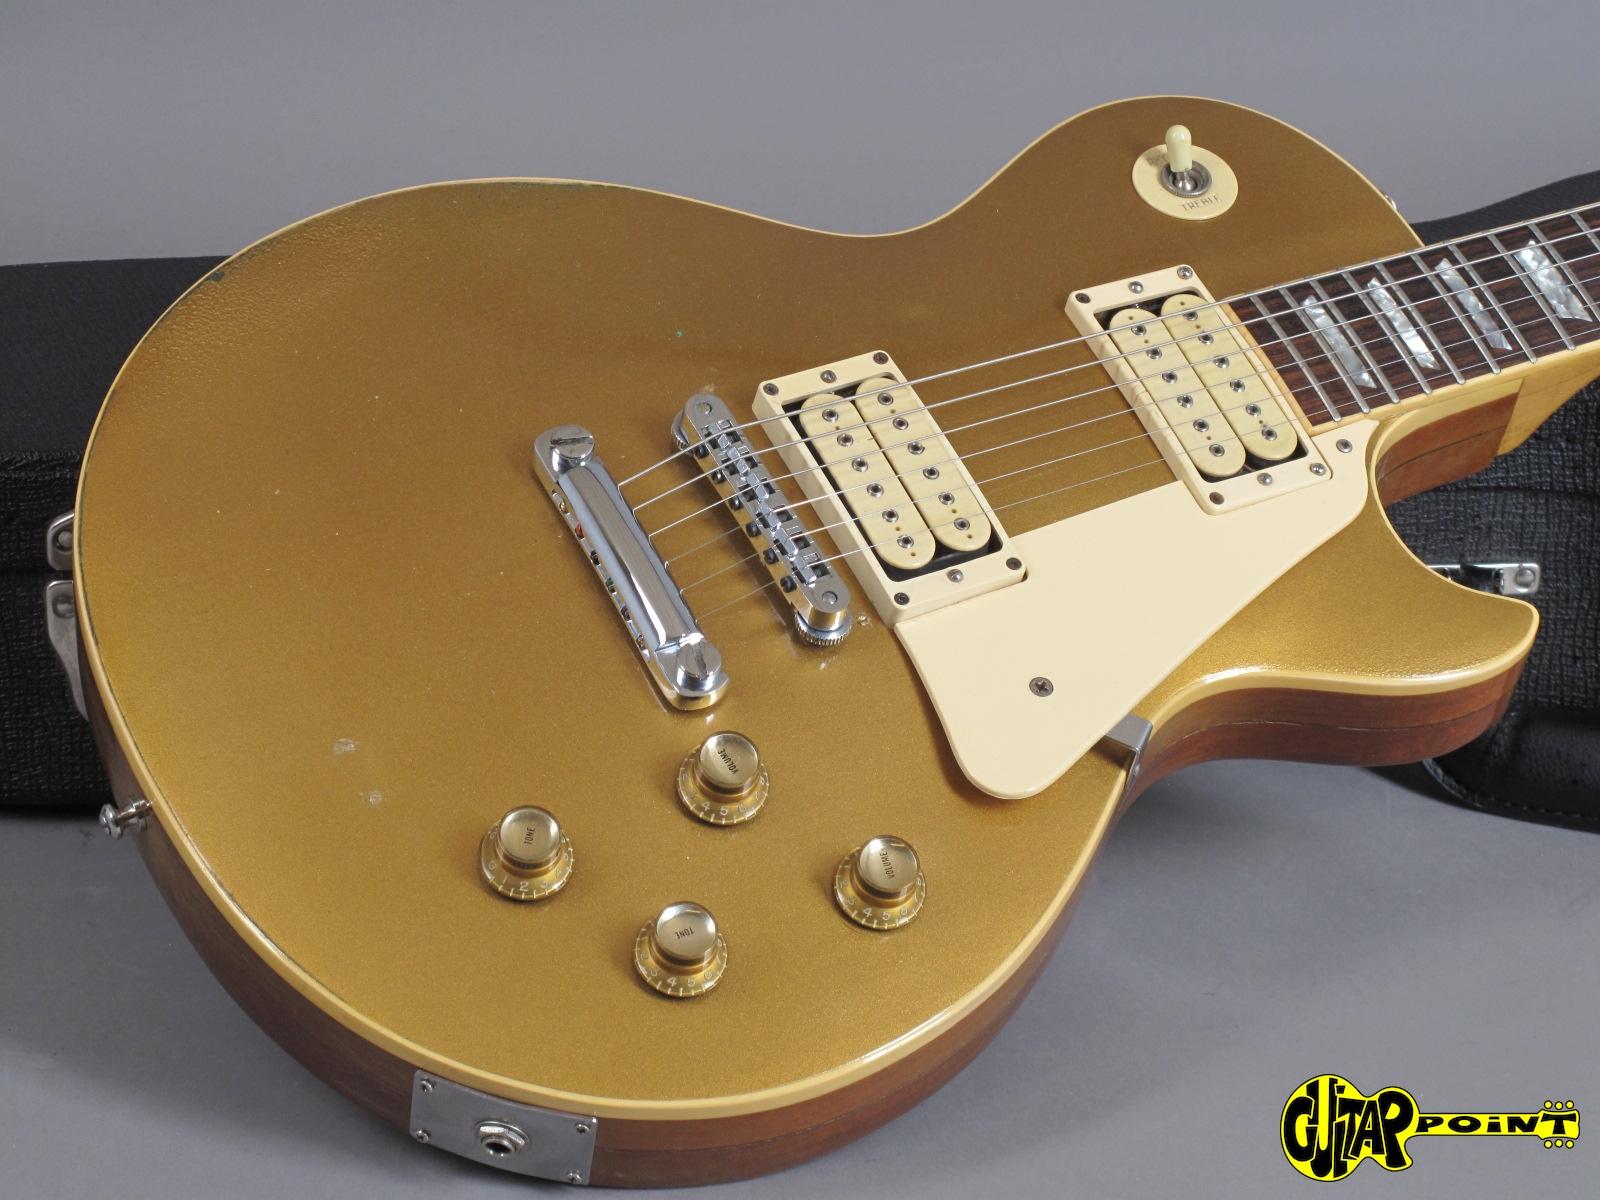 https://guitarpoint.de/app/uploads/products/1975-gibson-les-paul-deluxe-gold-top/Gibson75LPGT99224034_17.jpg